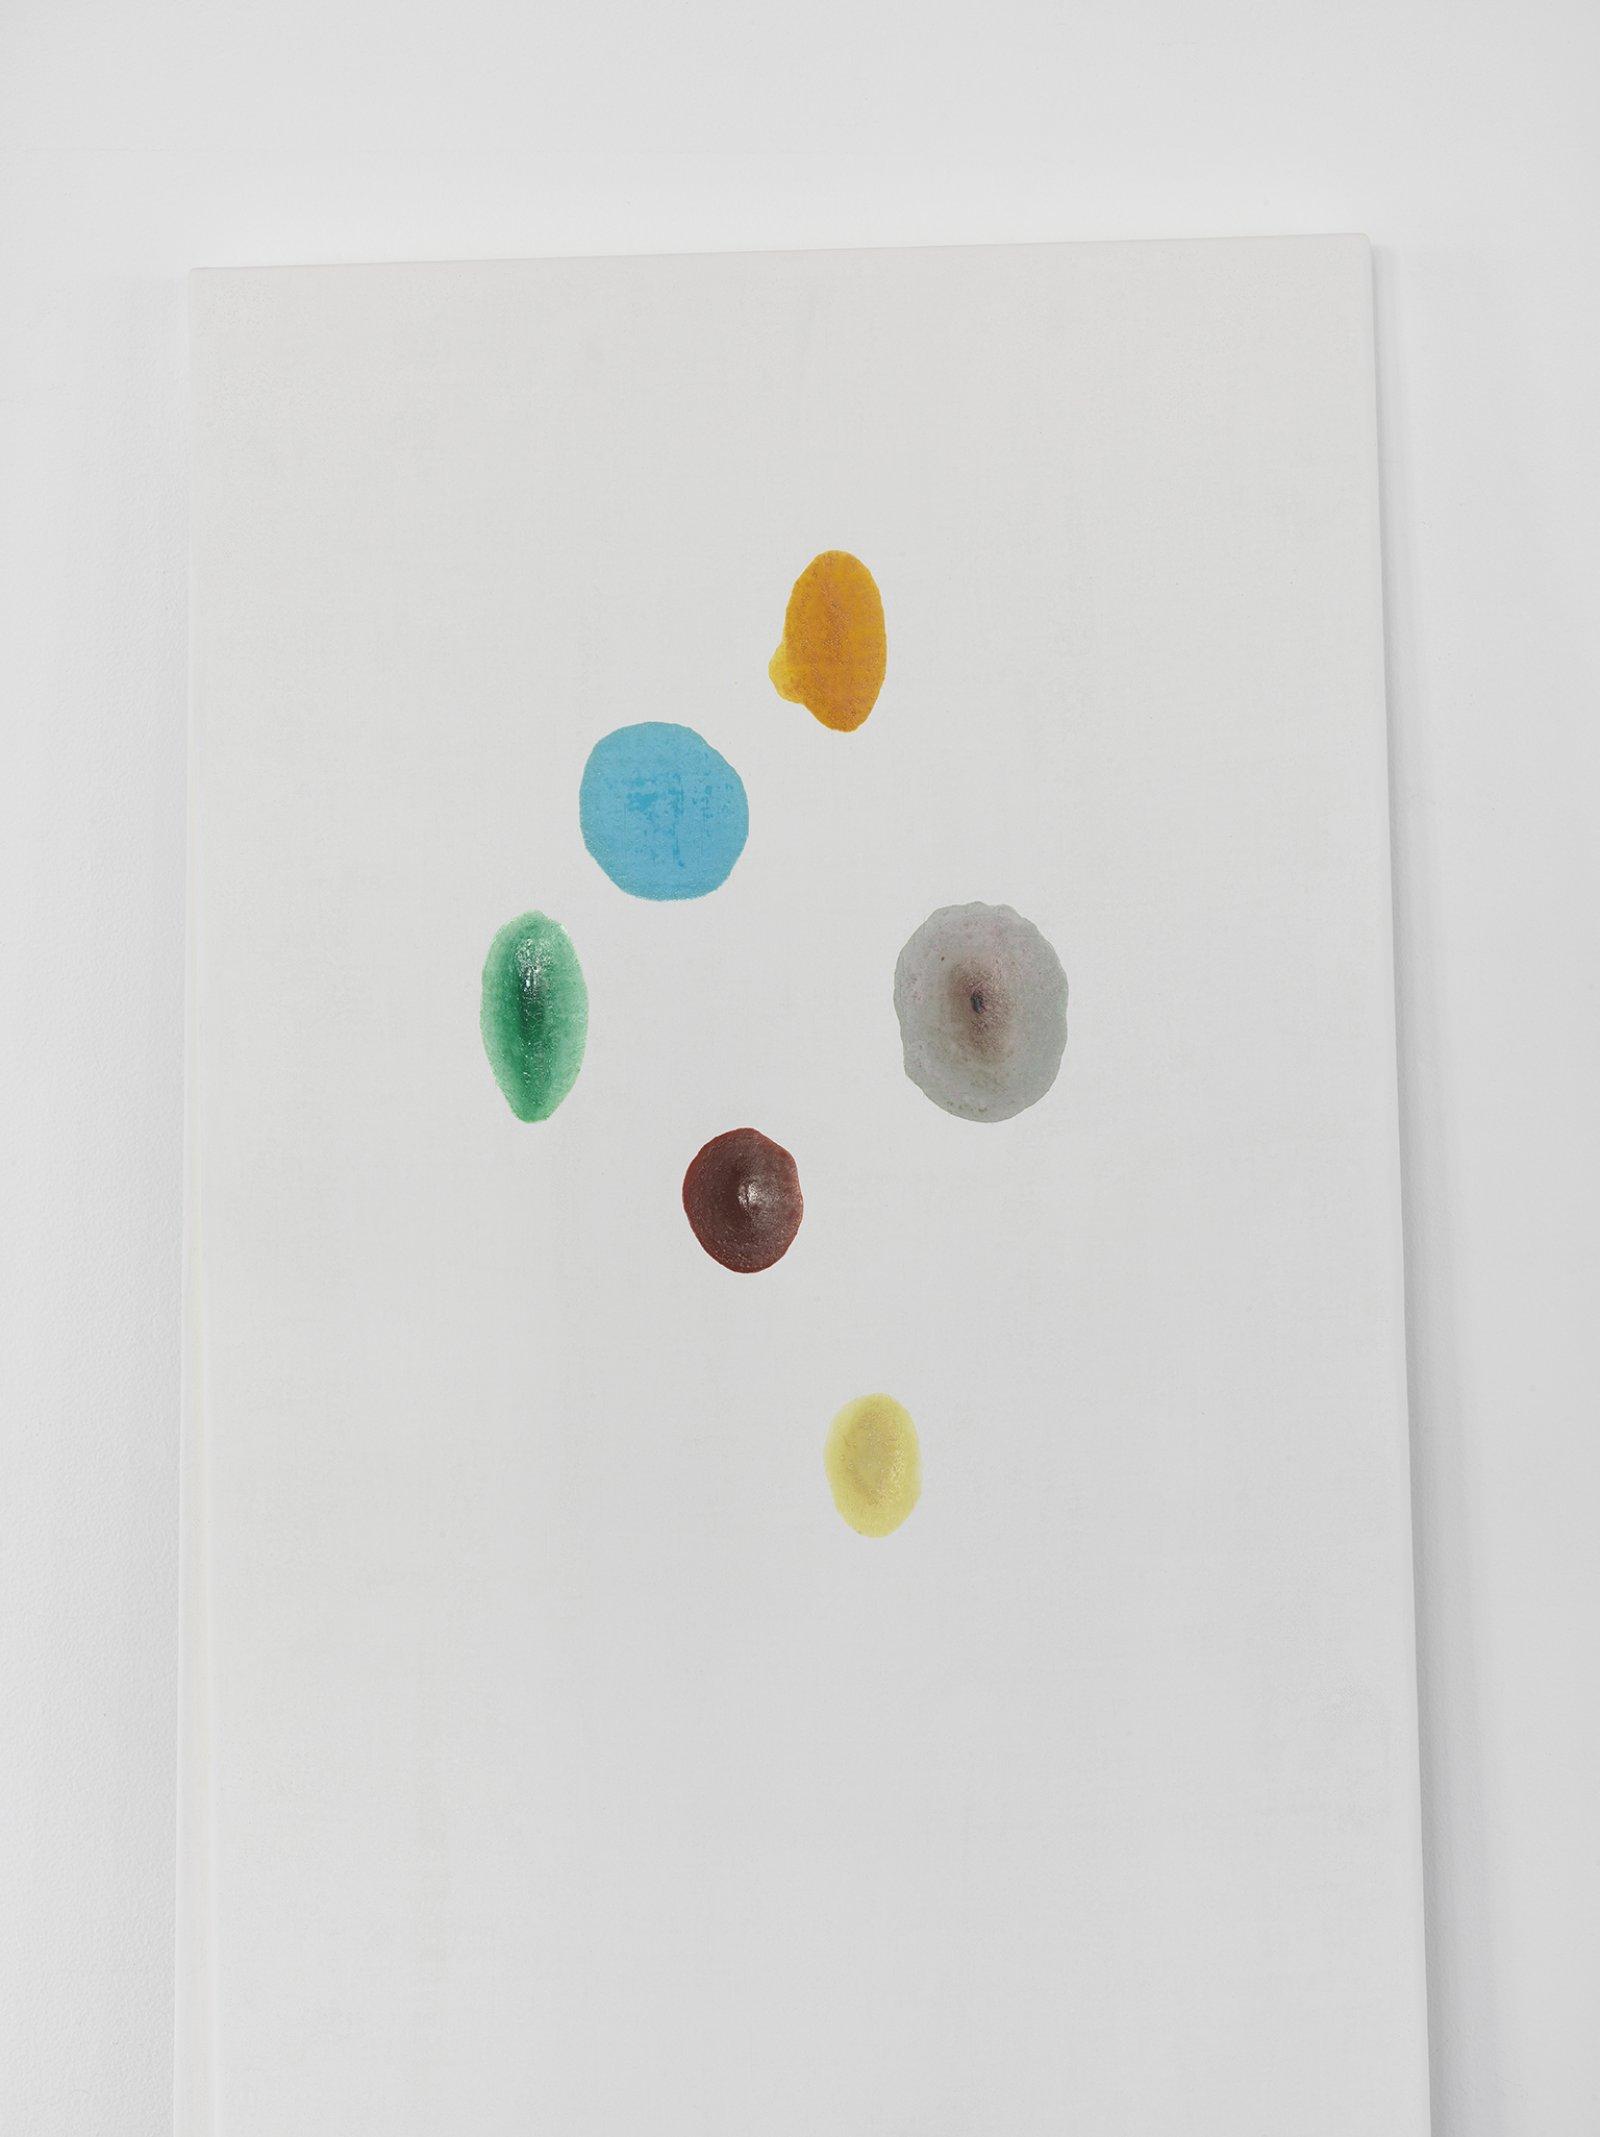 Christina Mackie, Chalk no. 3 (detail), 2014, birch, gesso, watercolour, 78 x 24 in. (198 x 62 cm) by Christina Mackie